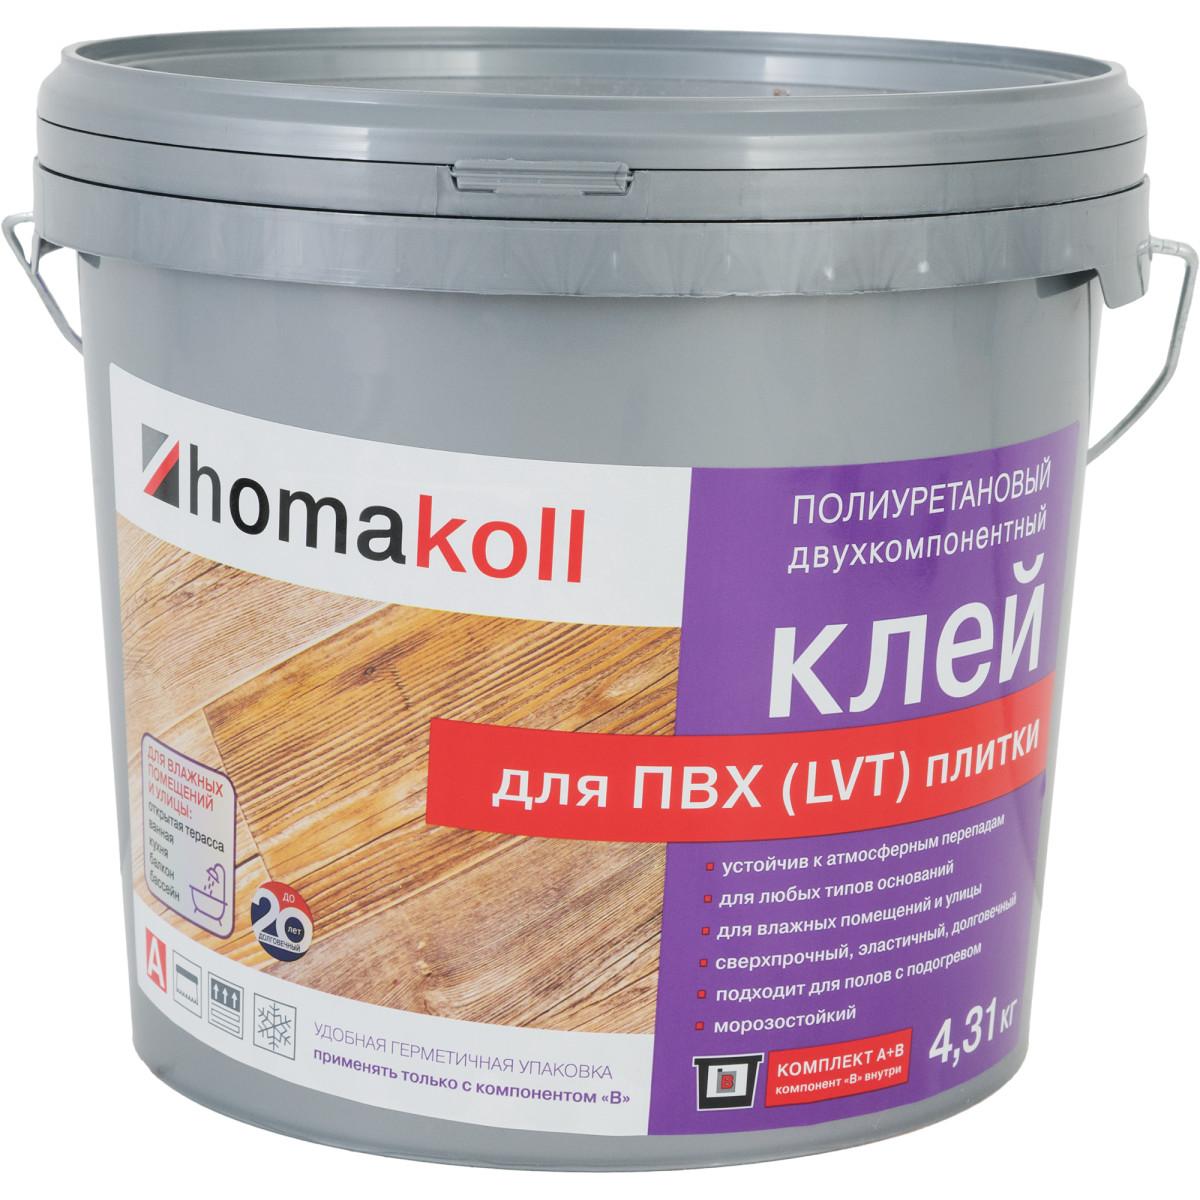 Клей Homakoll для ПВХ и LVT-плитки 4.31 кг